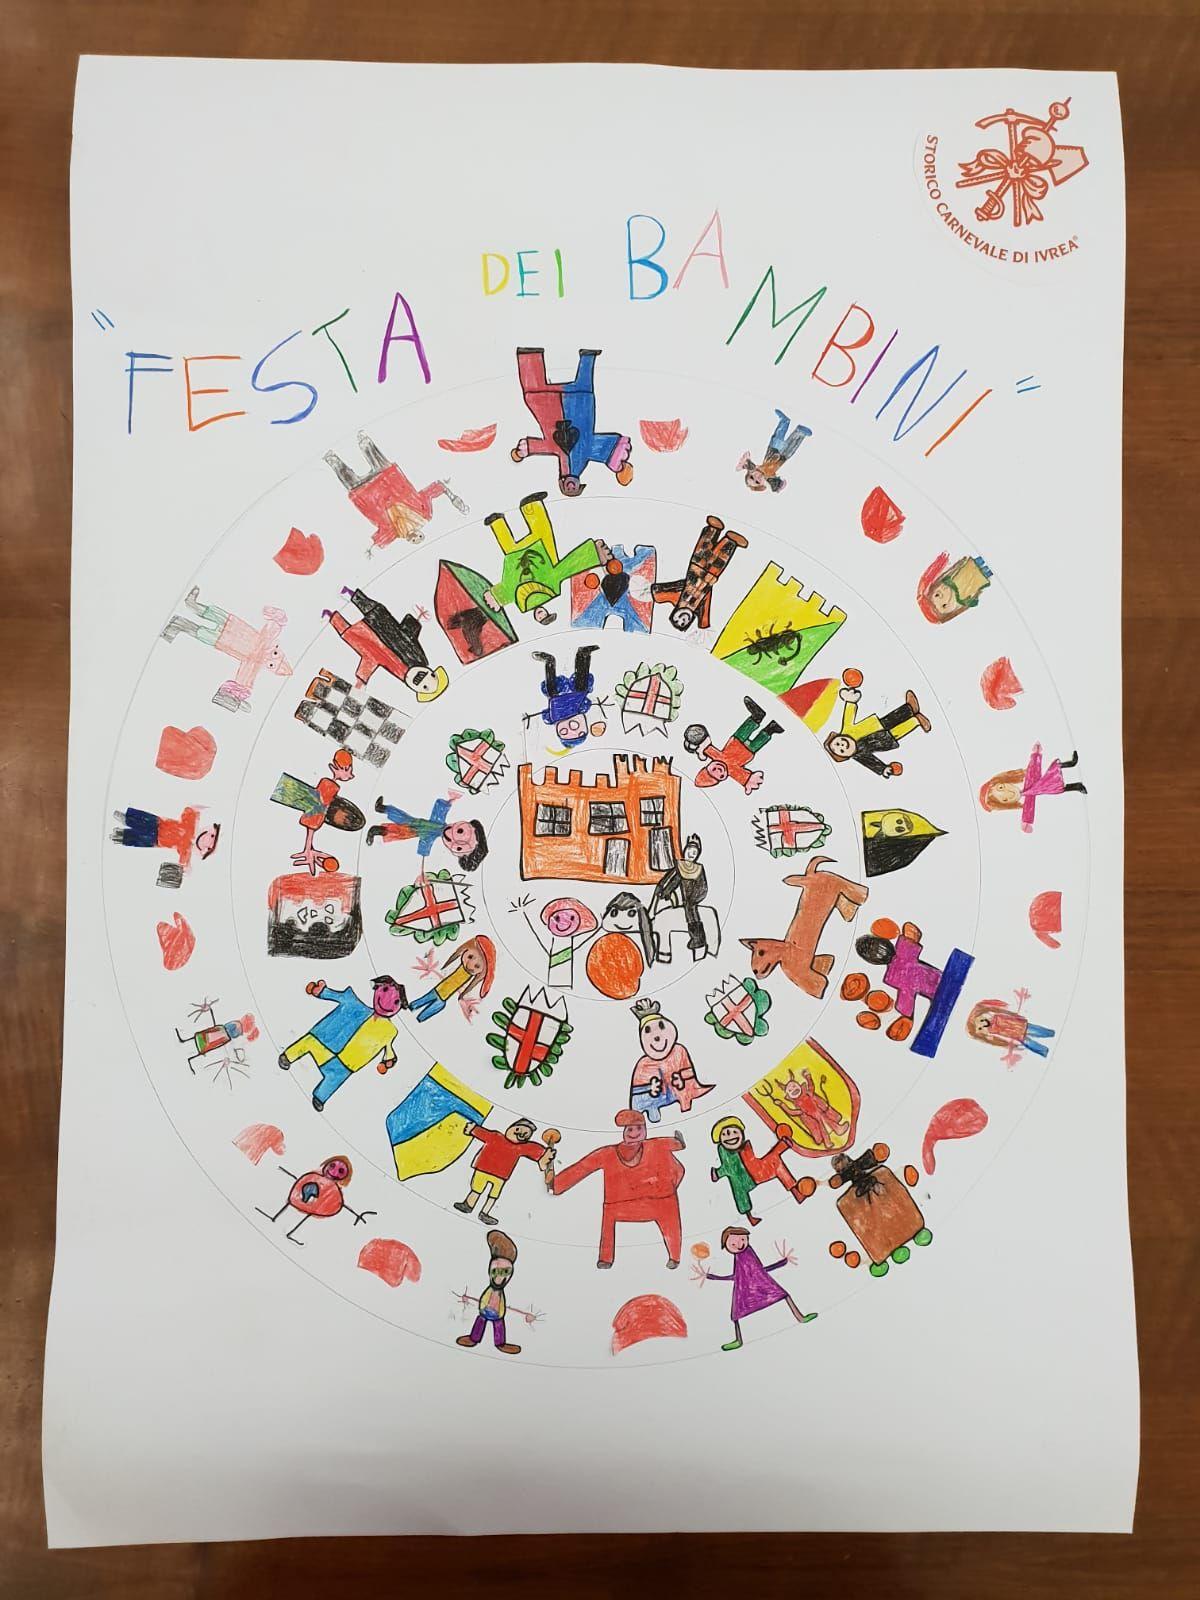 CARNEVALE IVREA - Della scuola dell'infanzia San Michele il manifesto ufficiale della Festa dei bambini